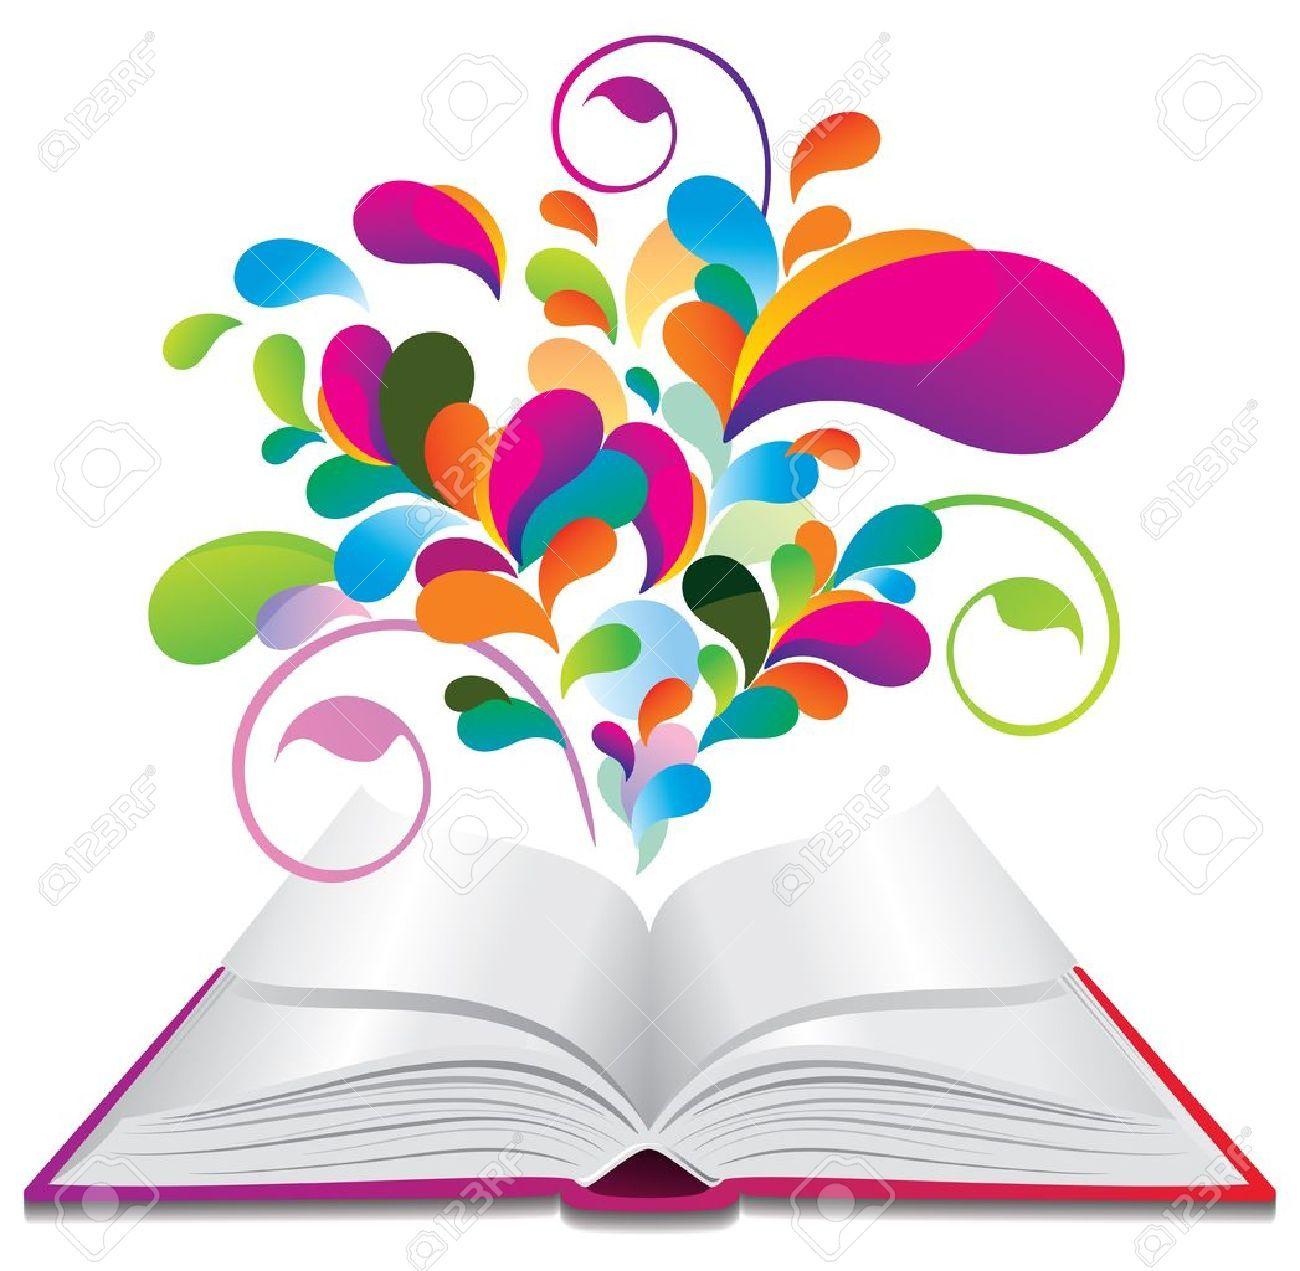 Resultado De Imagen De Libros De Colores Dibujo Libro Abierto Dibujos De Libros Animados Libro Abierto Animado